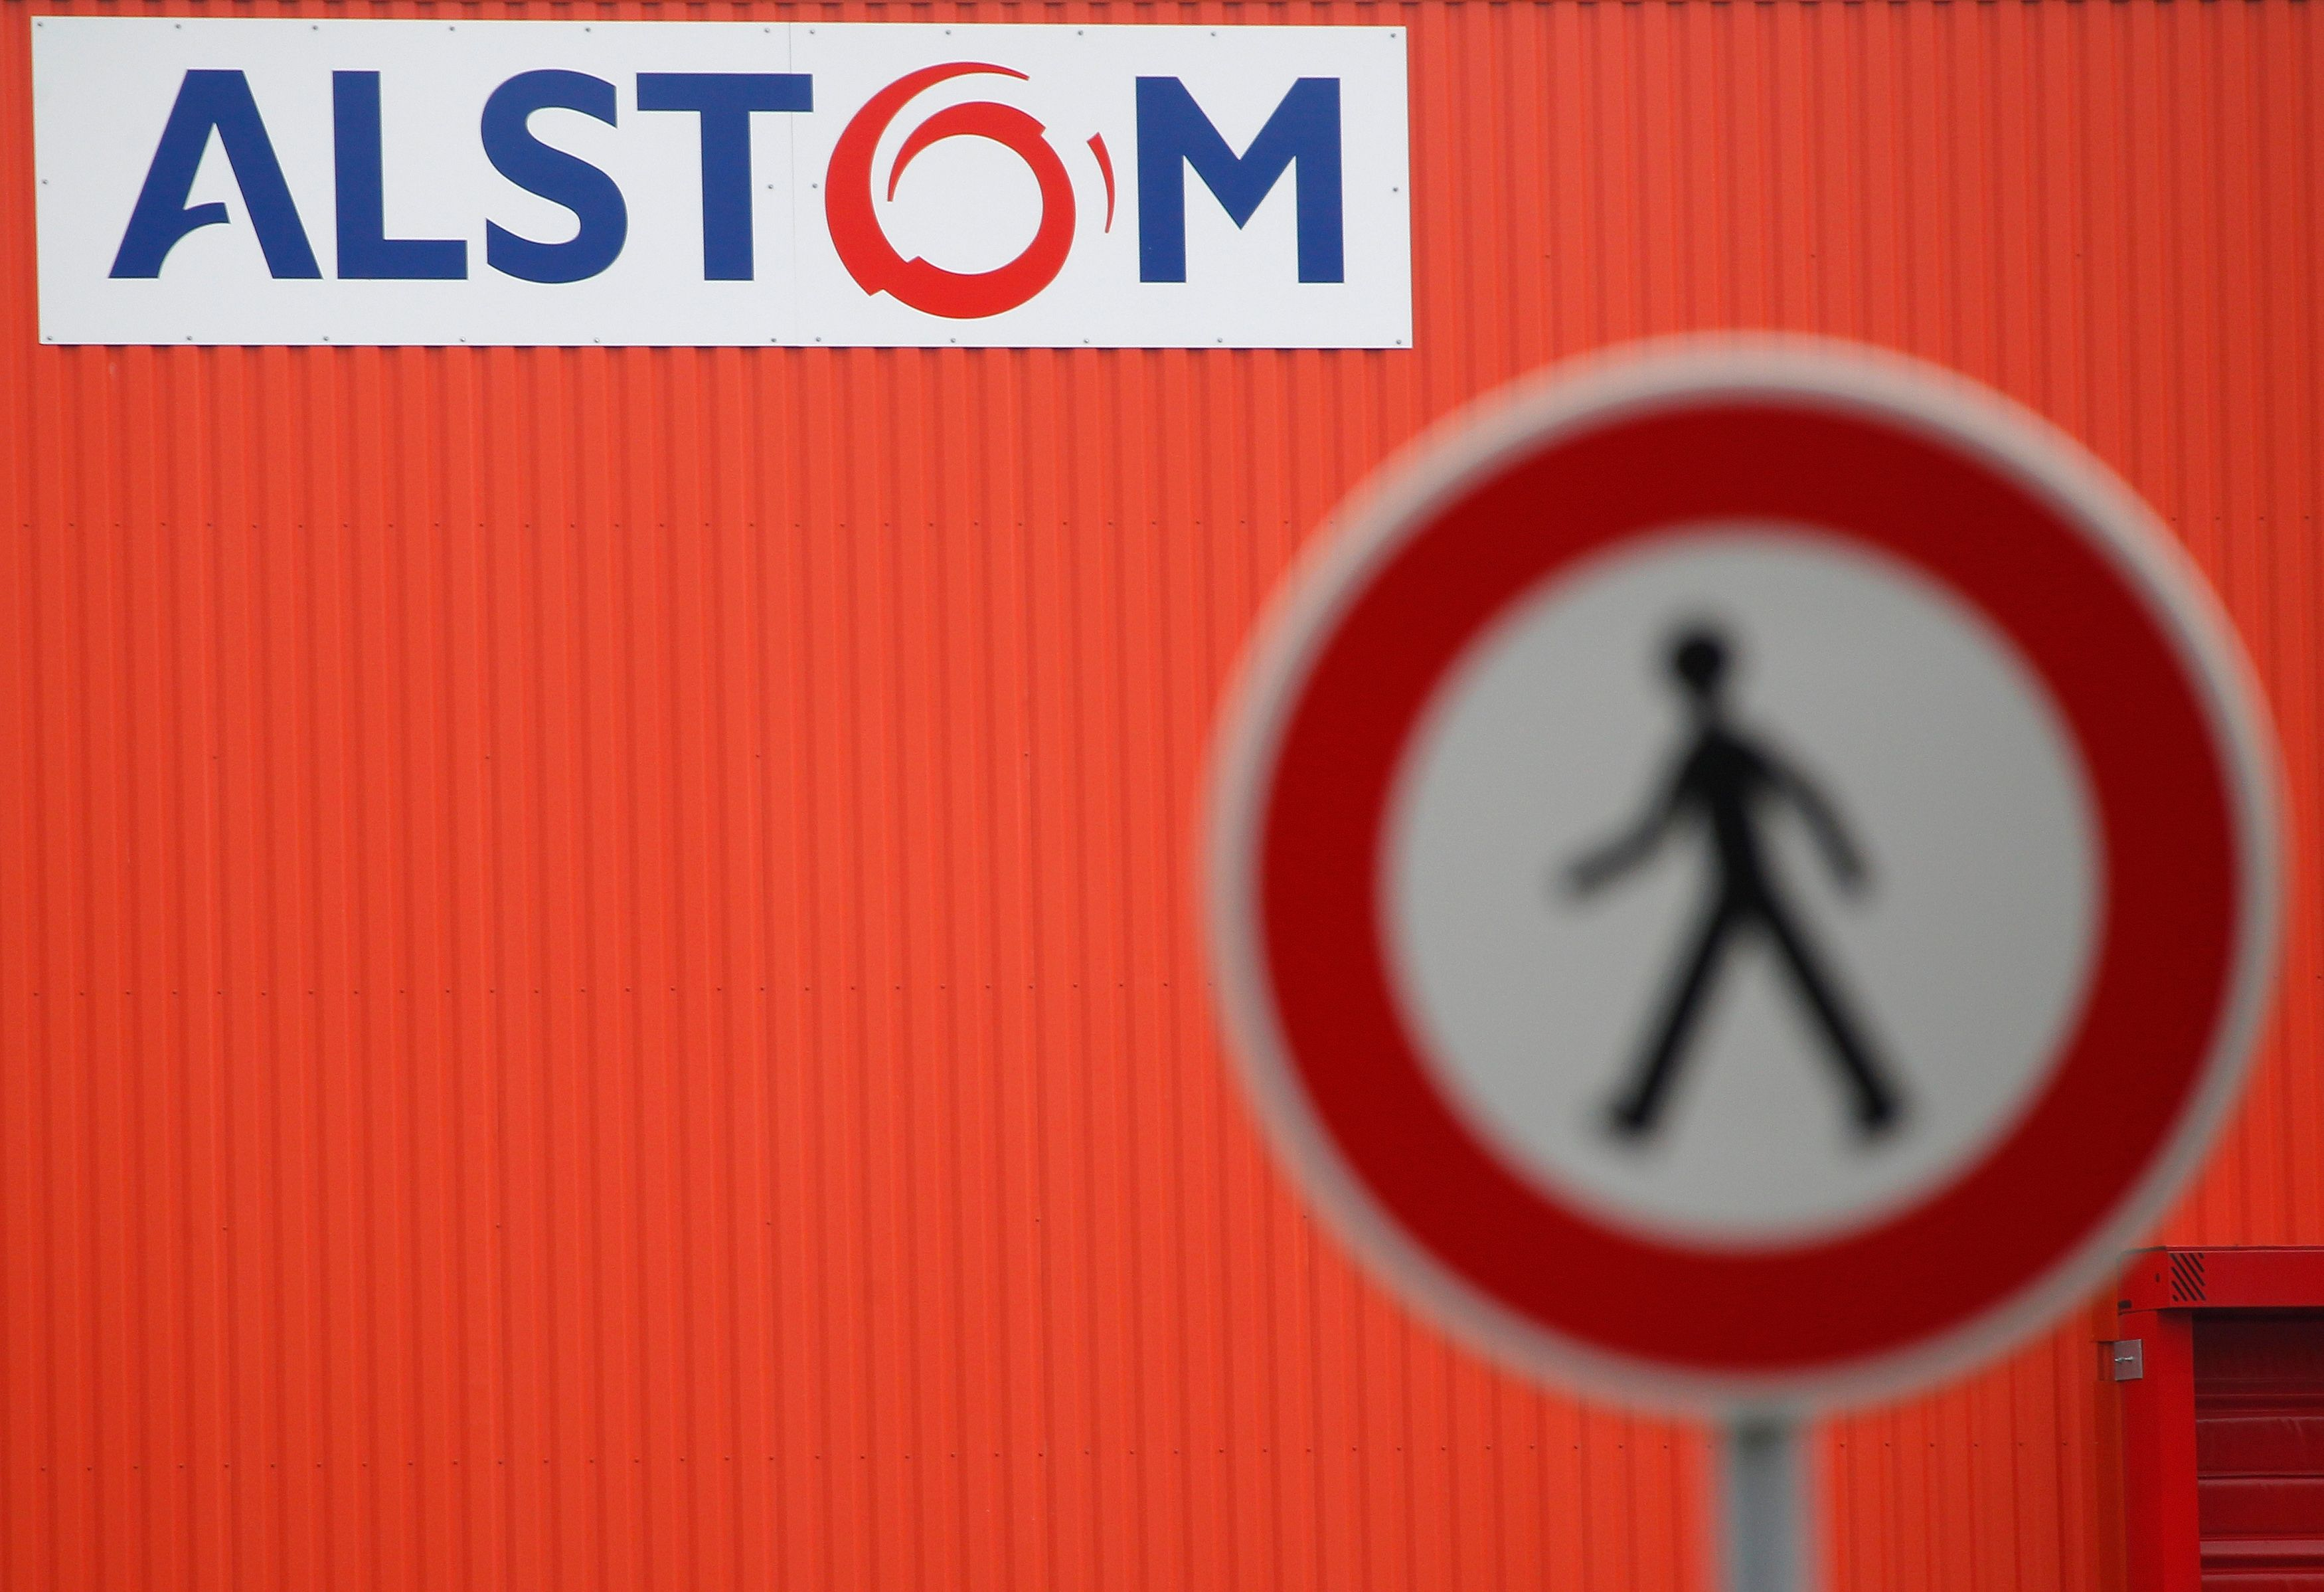 Qui d'autre après Alstom ? Petite liste des entreprises françaises qui pourraient bien prochainement faire les titres